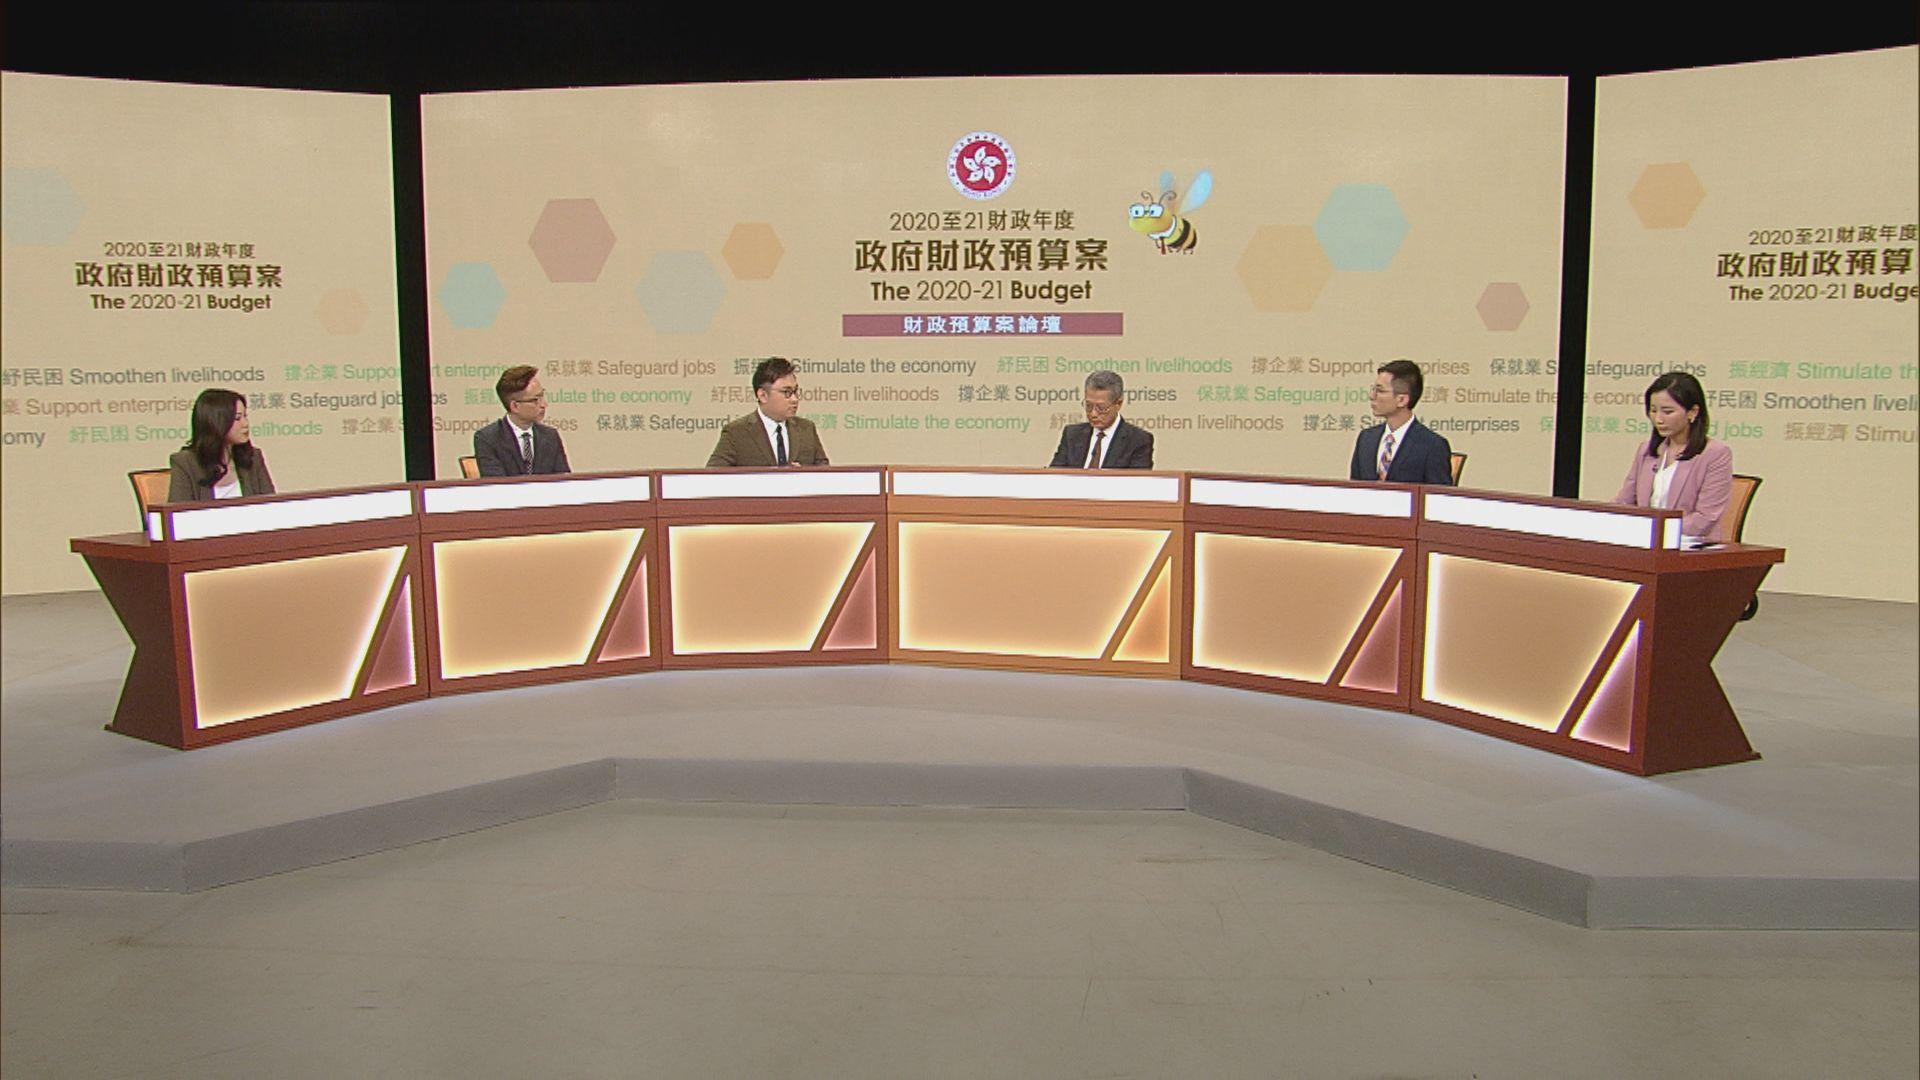 【足本】財政預算案論壇(一)